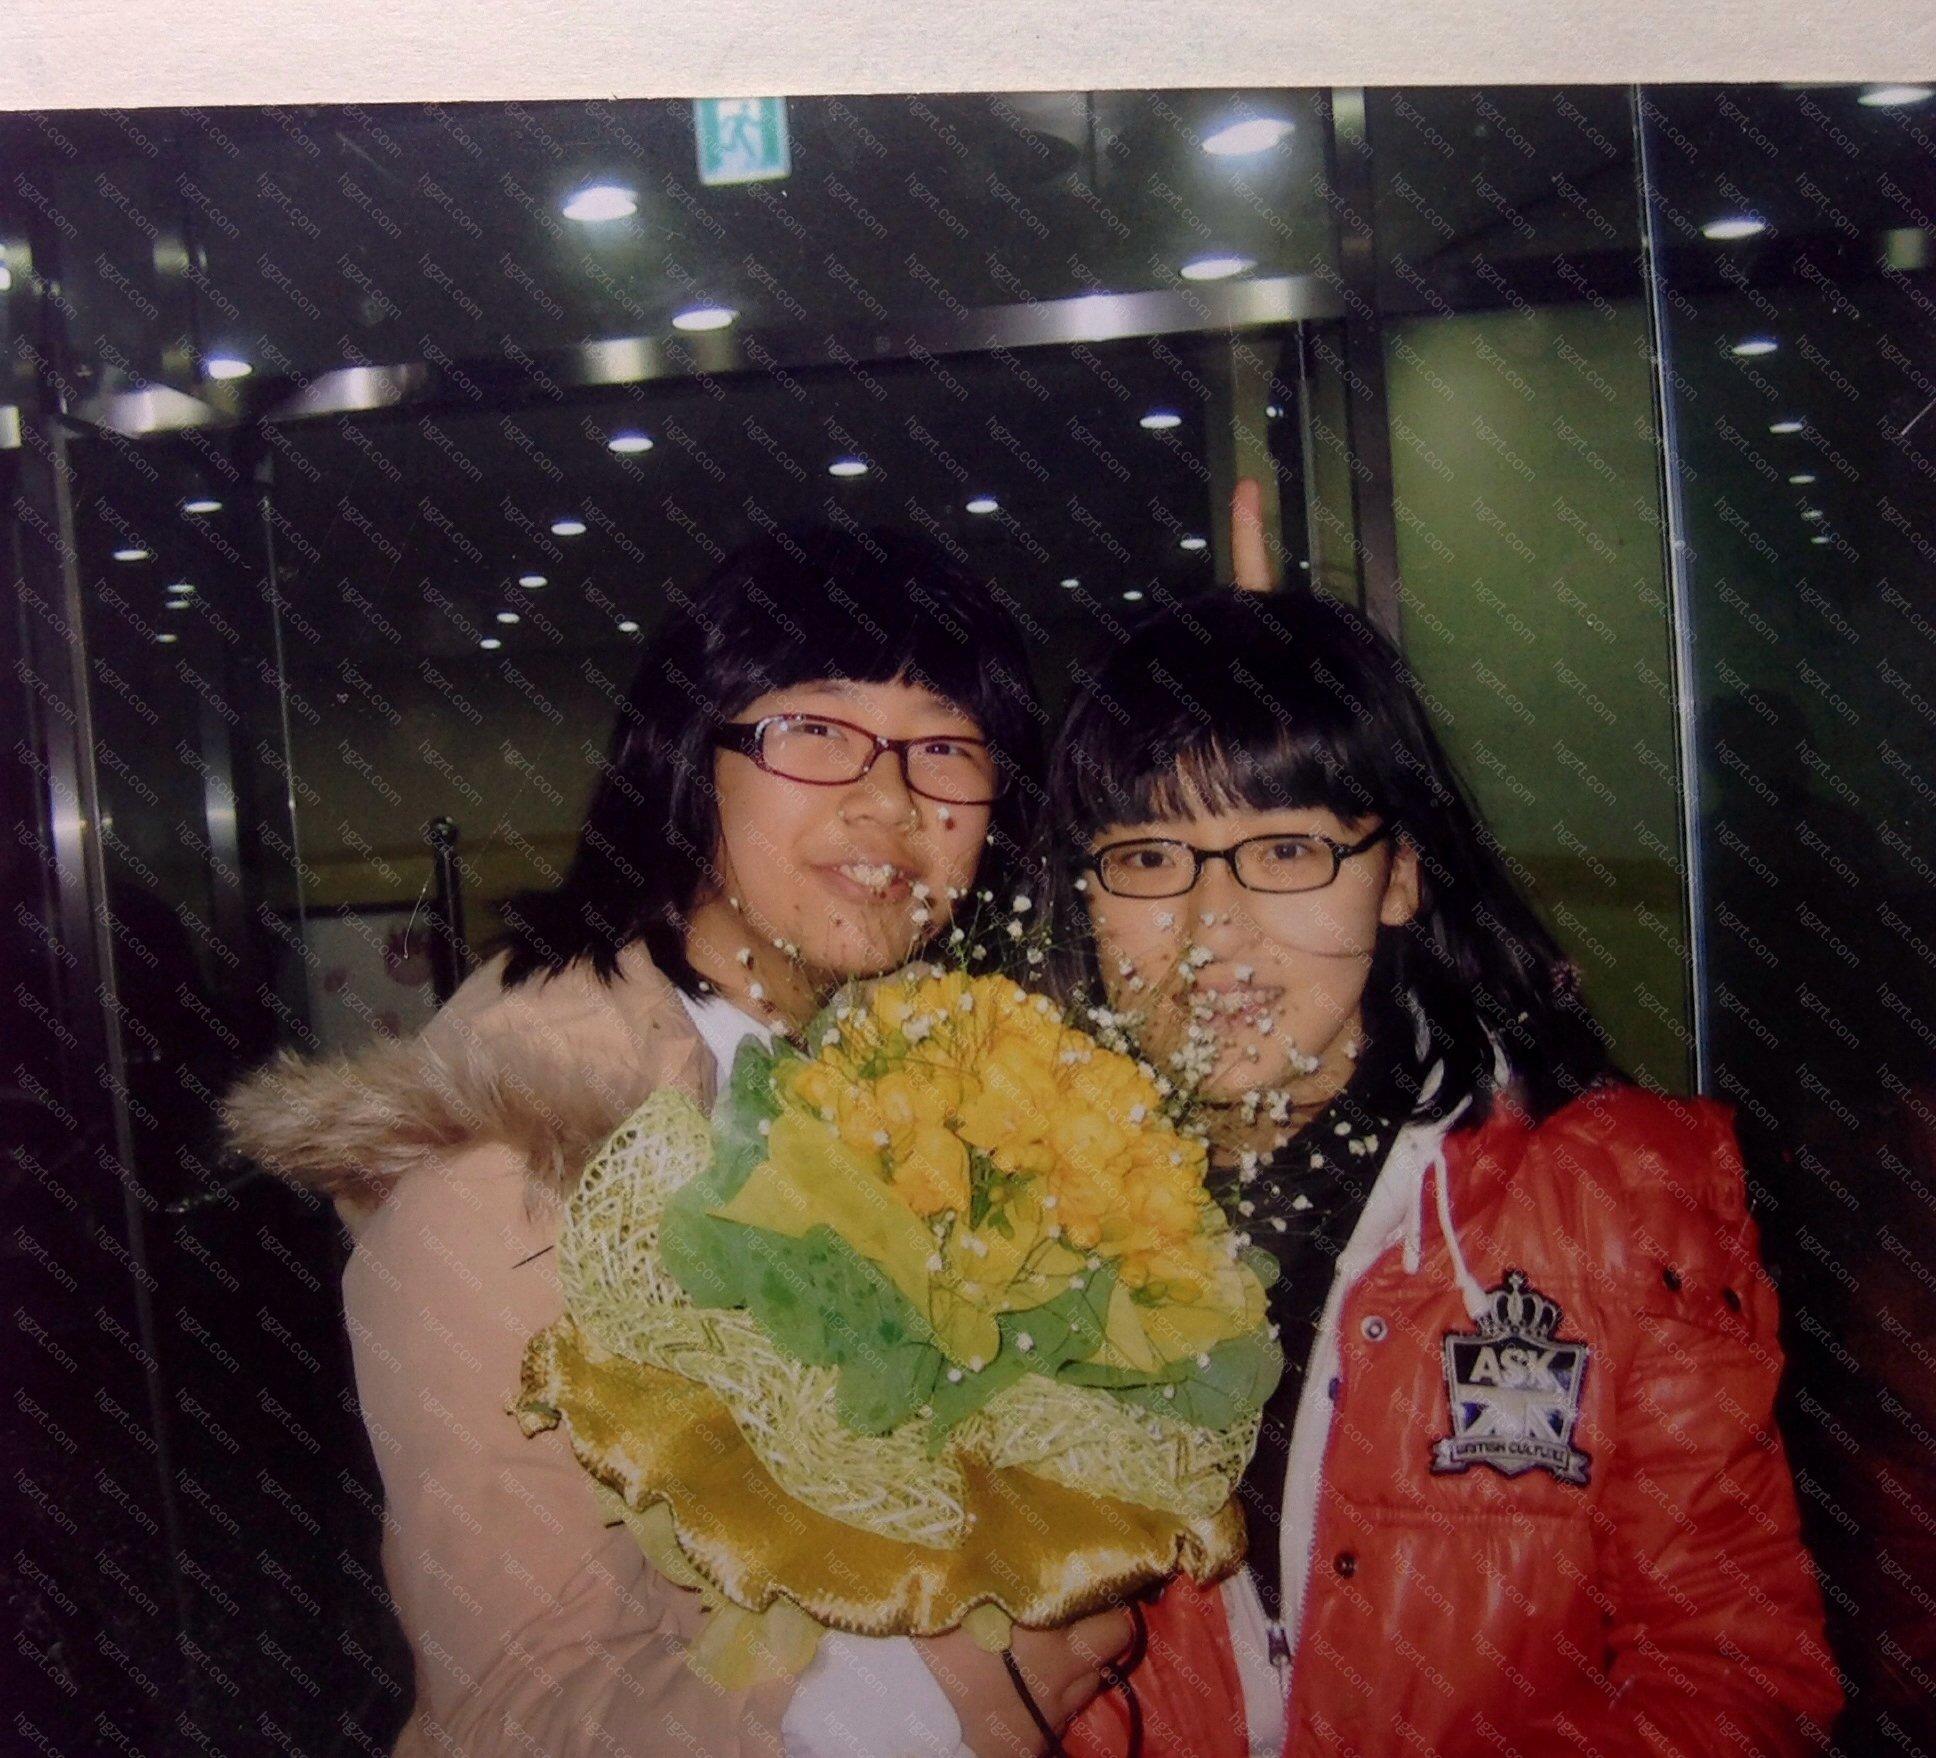 这是圣诞节的时候跟同学一起的合影,谁没有几张想要撕掉的照片呢